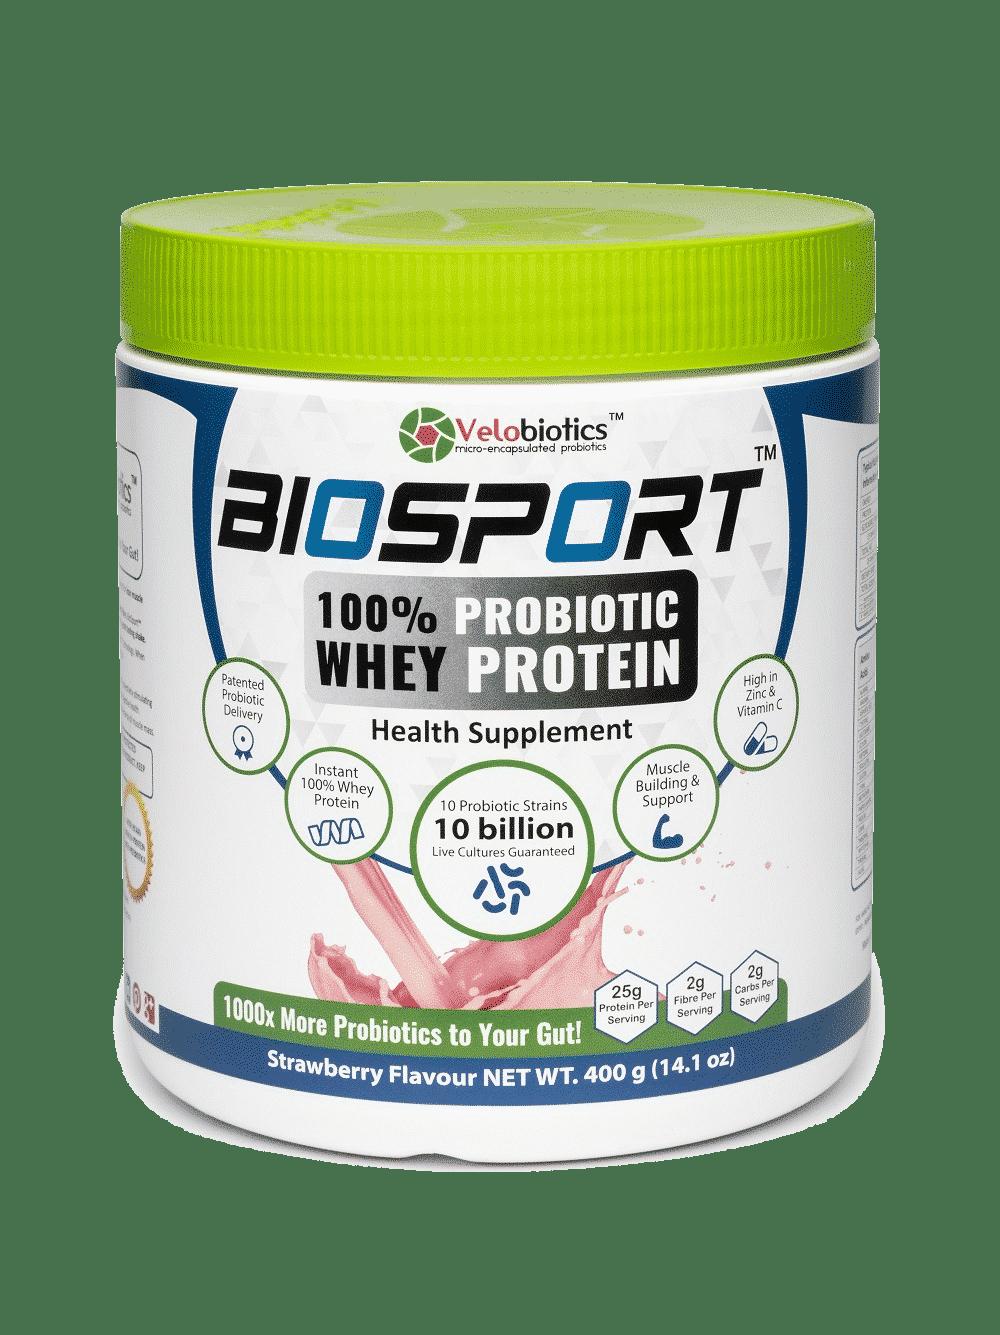 BioSport - 100% Probiotic Whey Protein